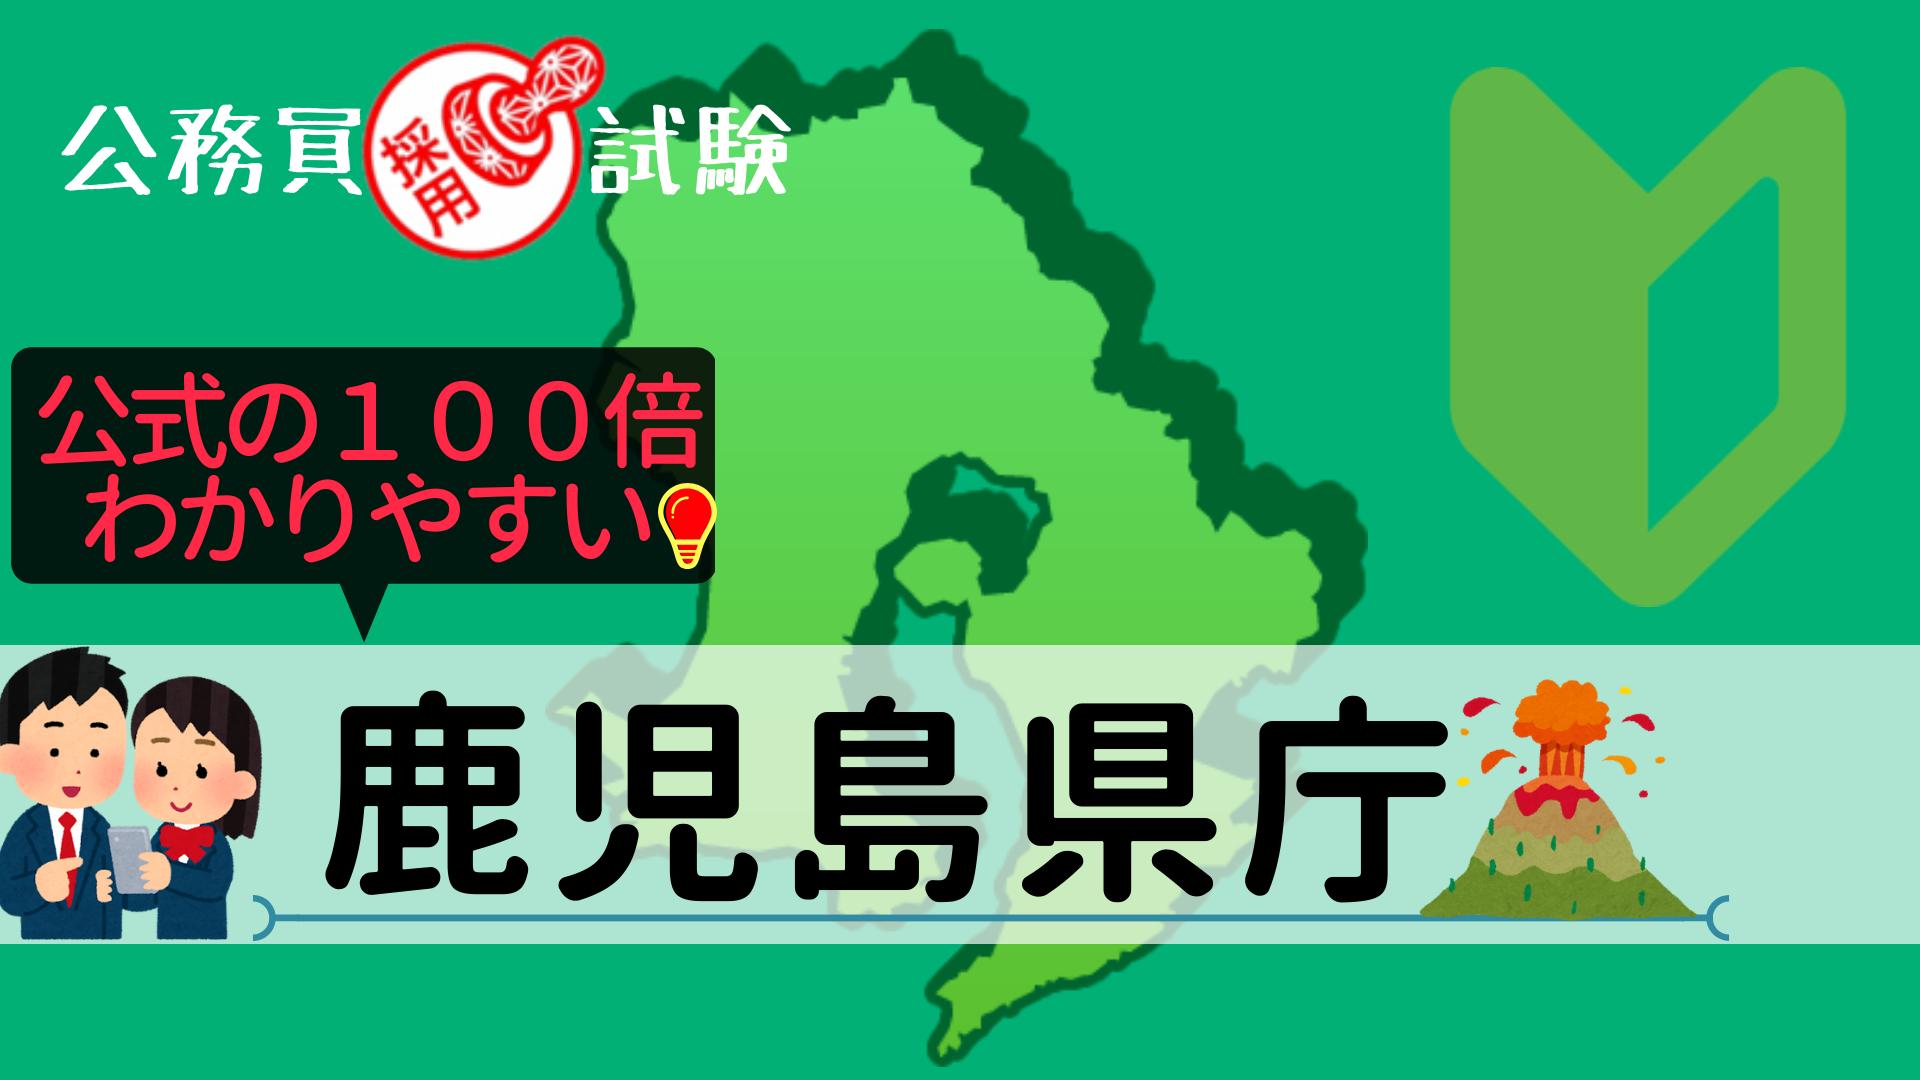 鹿児島県庁の公務員採用試験について